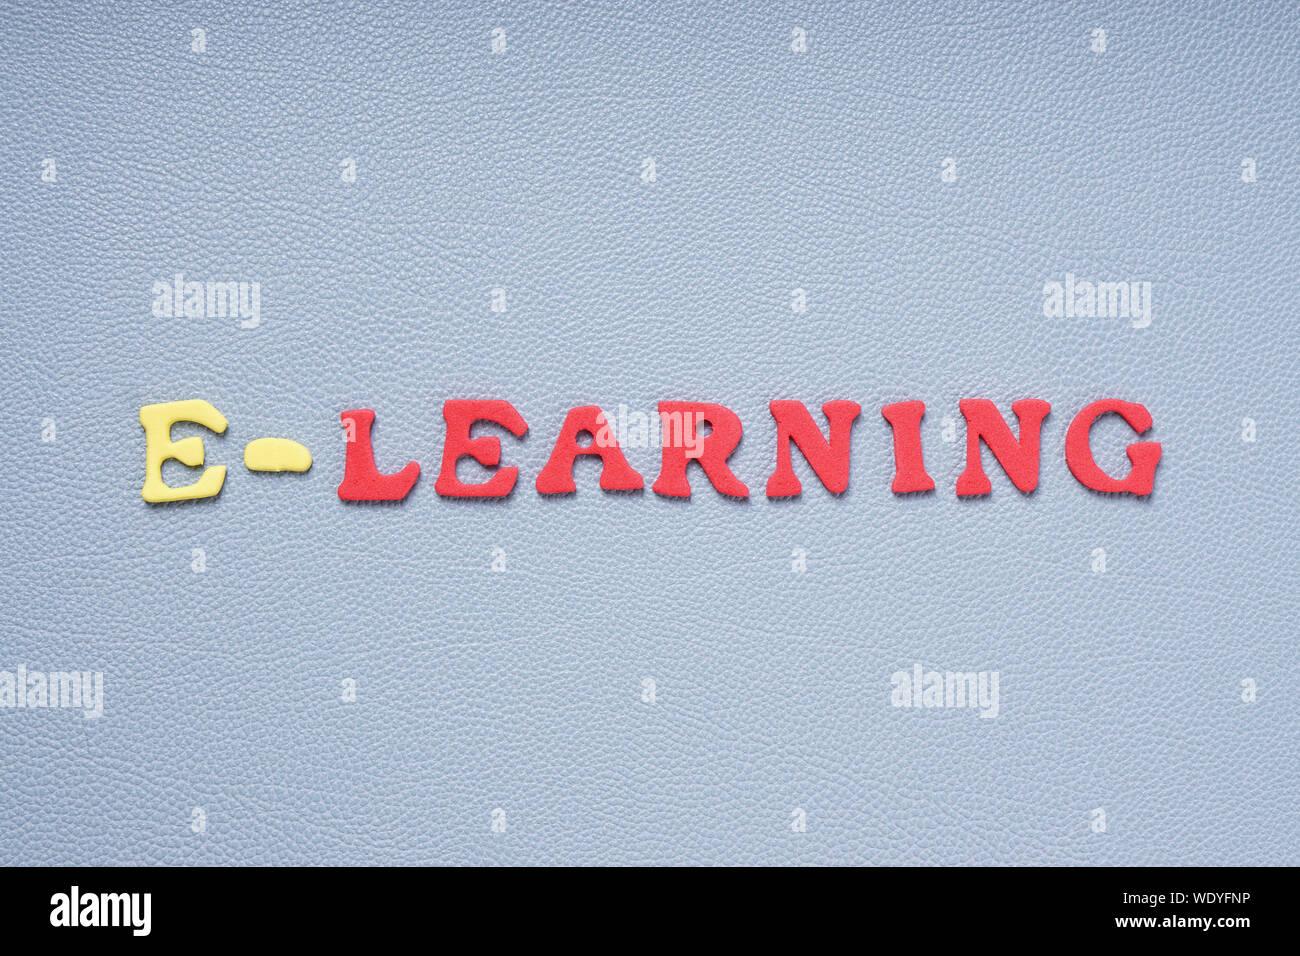 Texto de e-learning sobre fondo gris Foto de stock